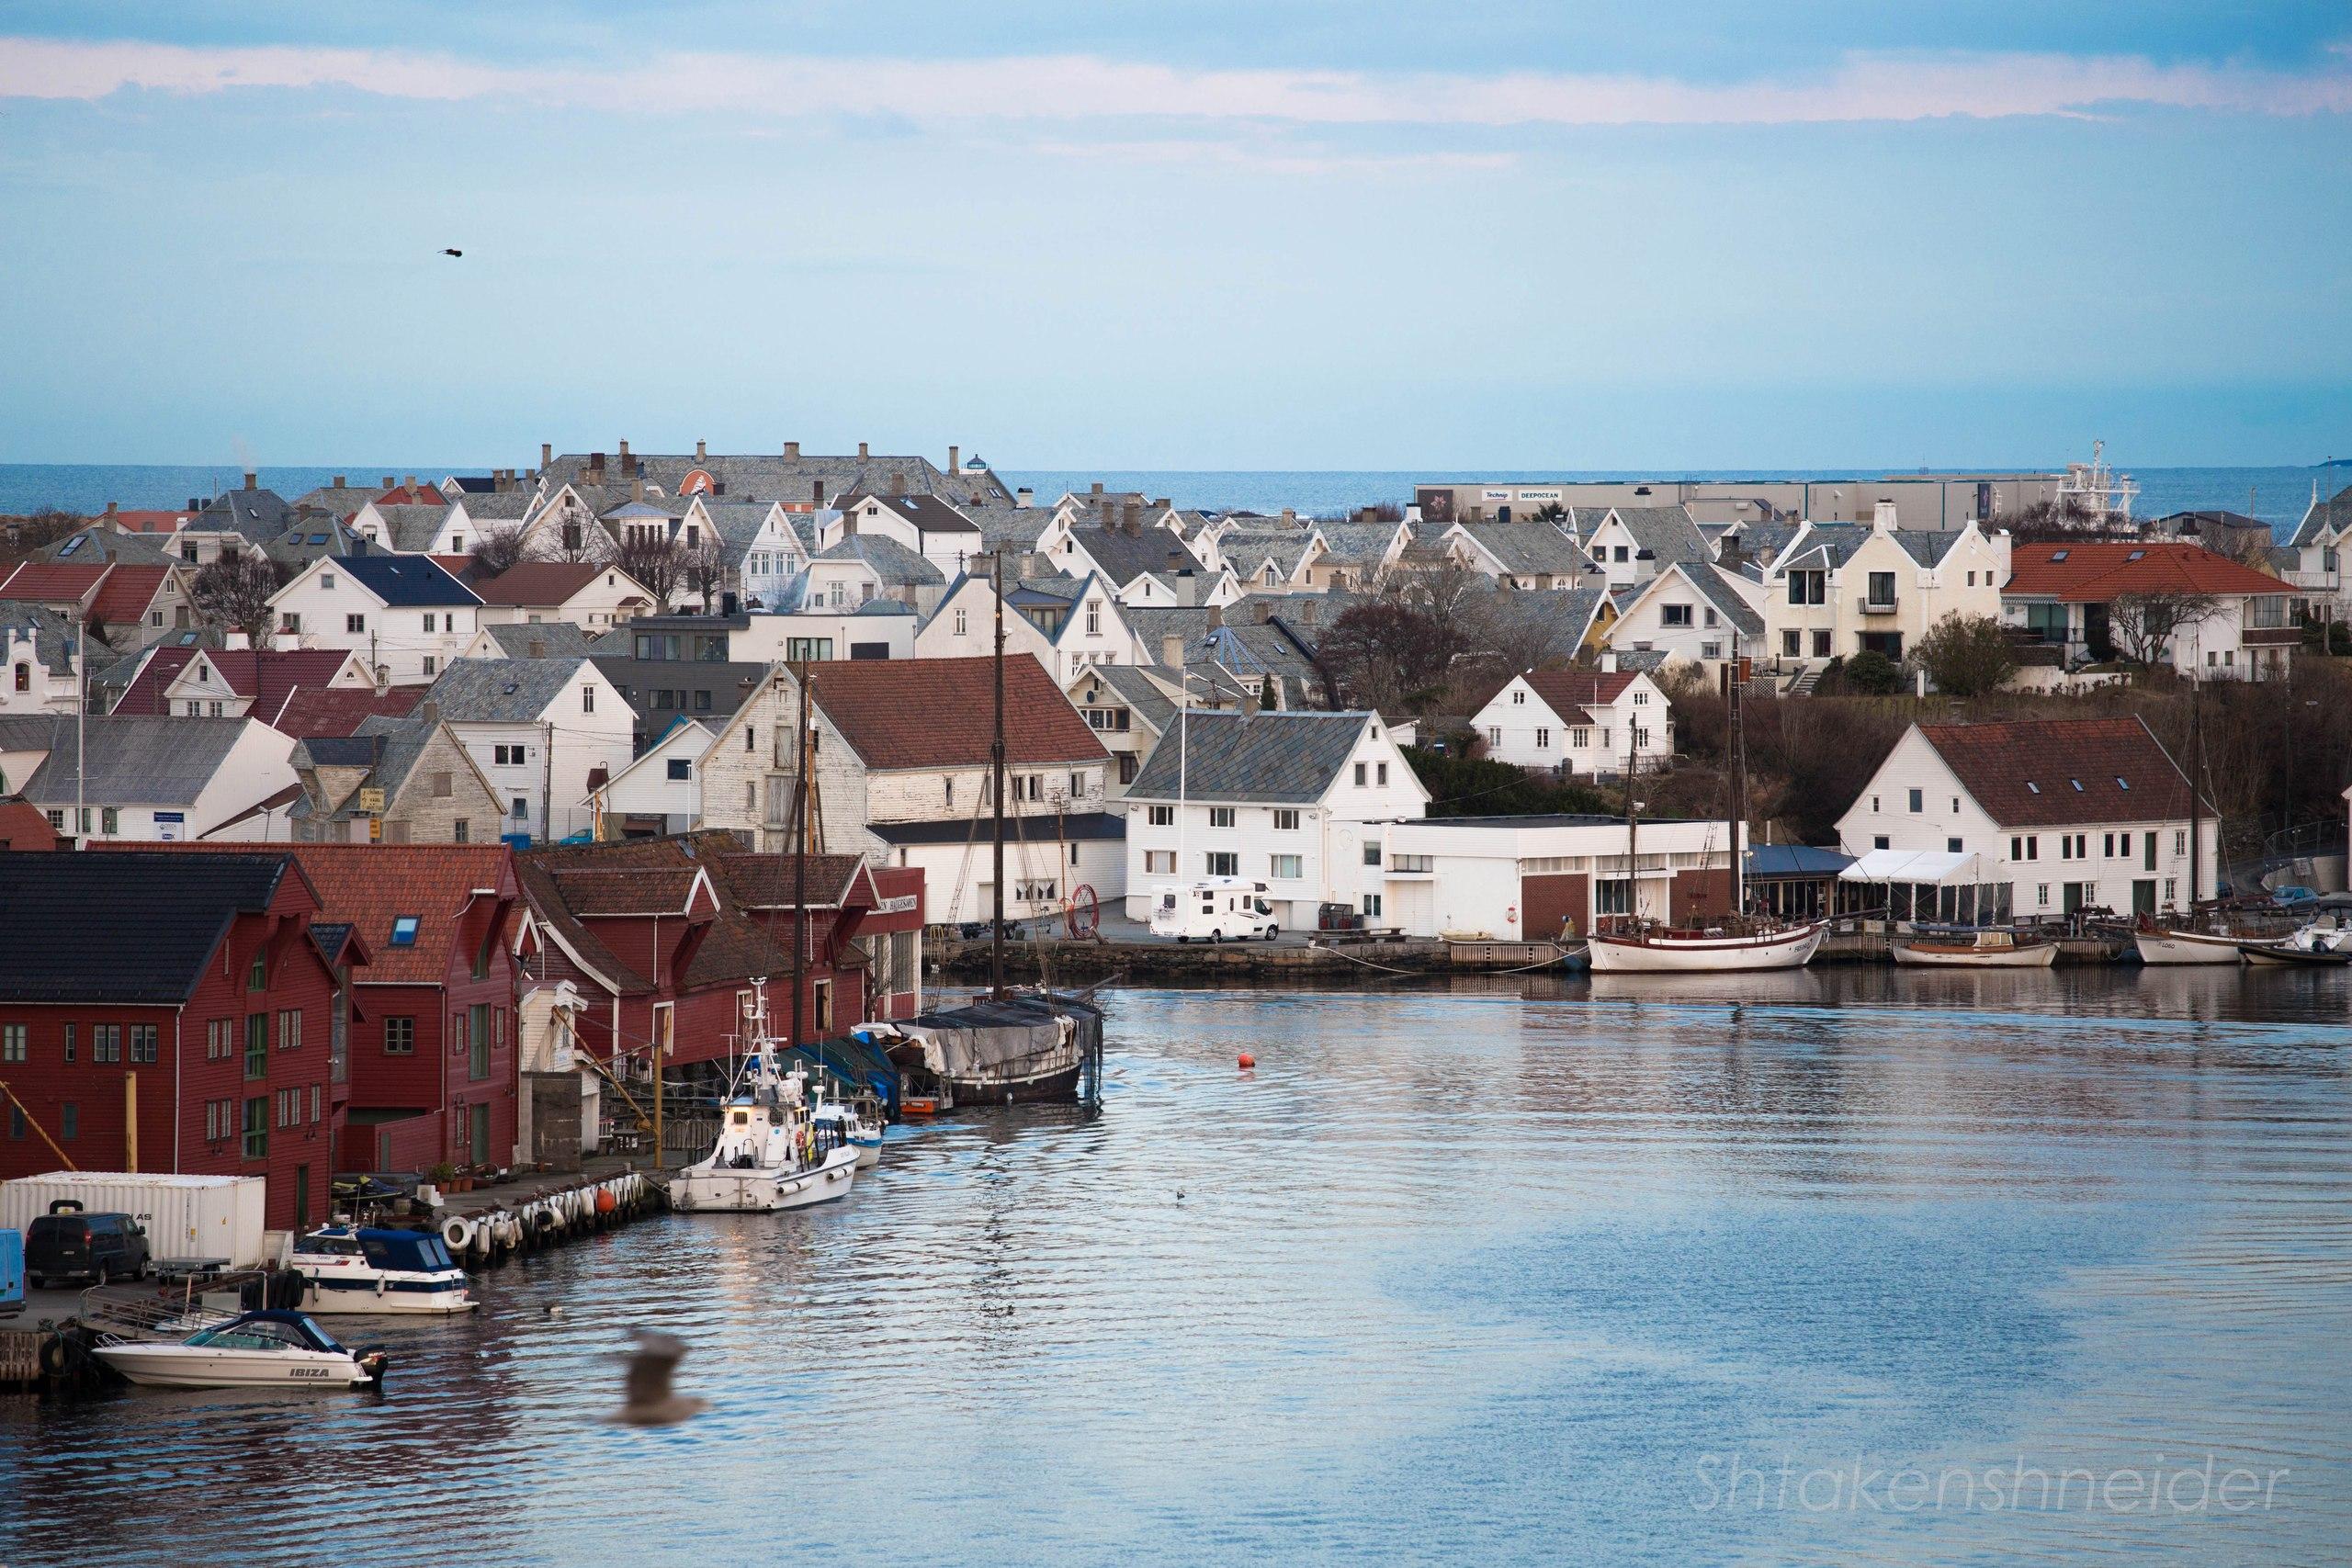 Хёугесунн, Норвегия. Вид на Море.